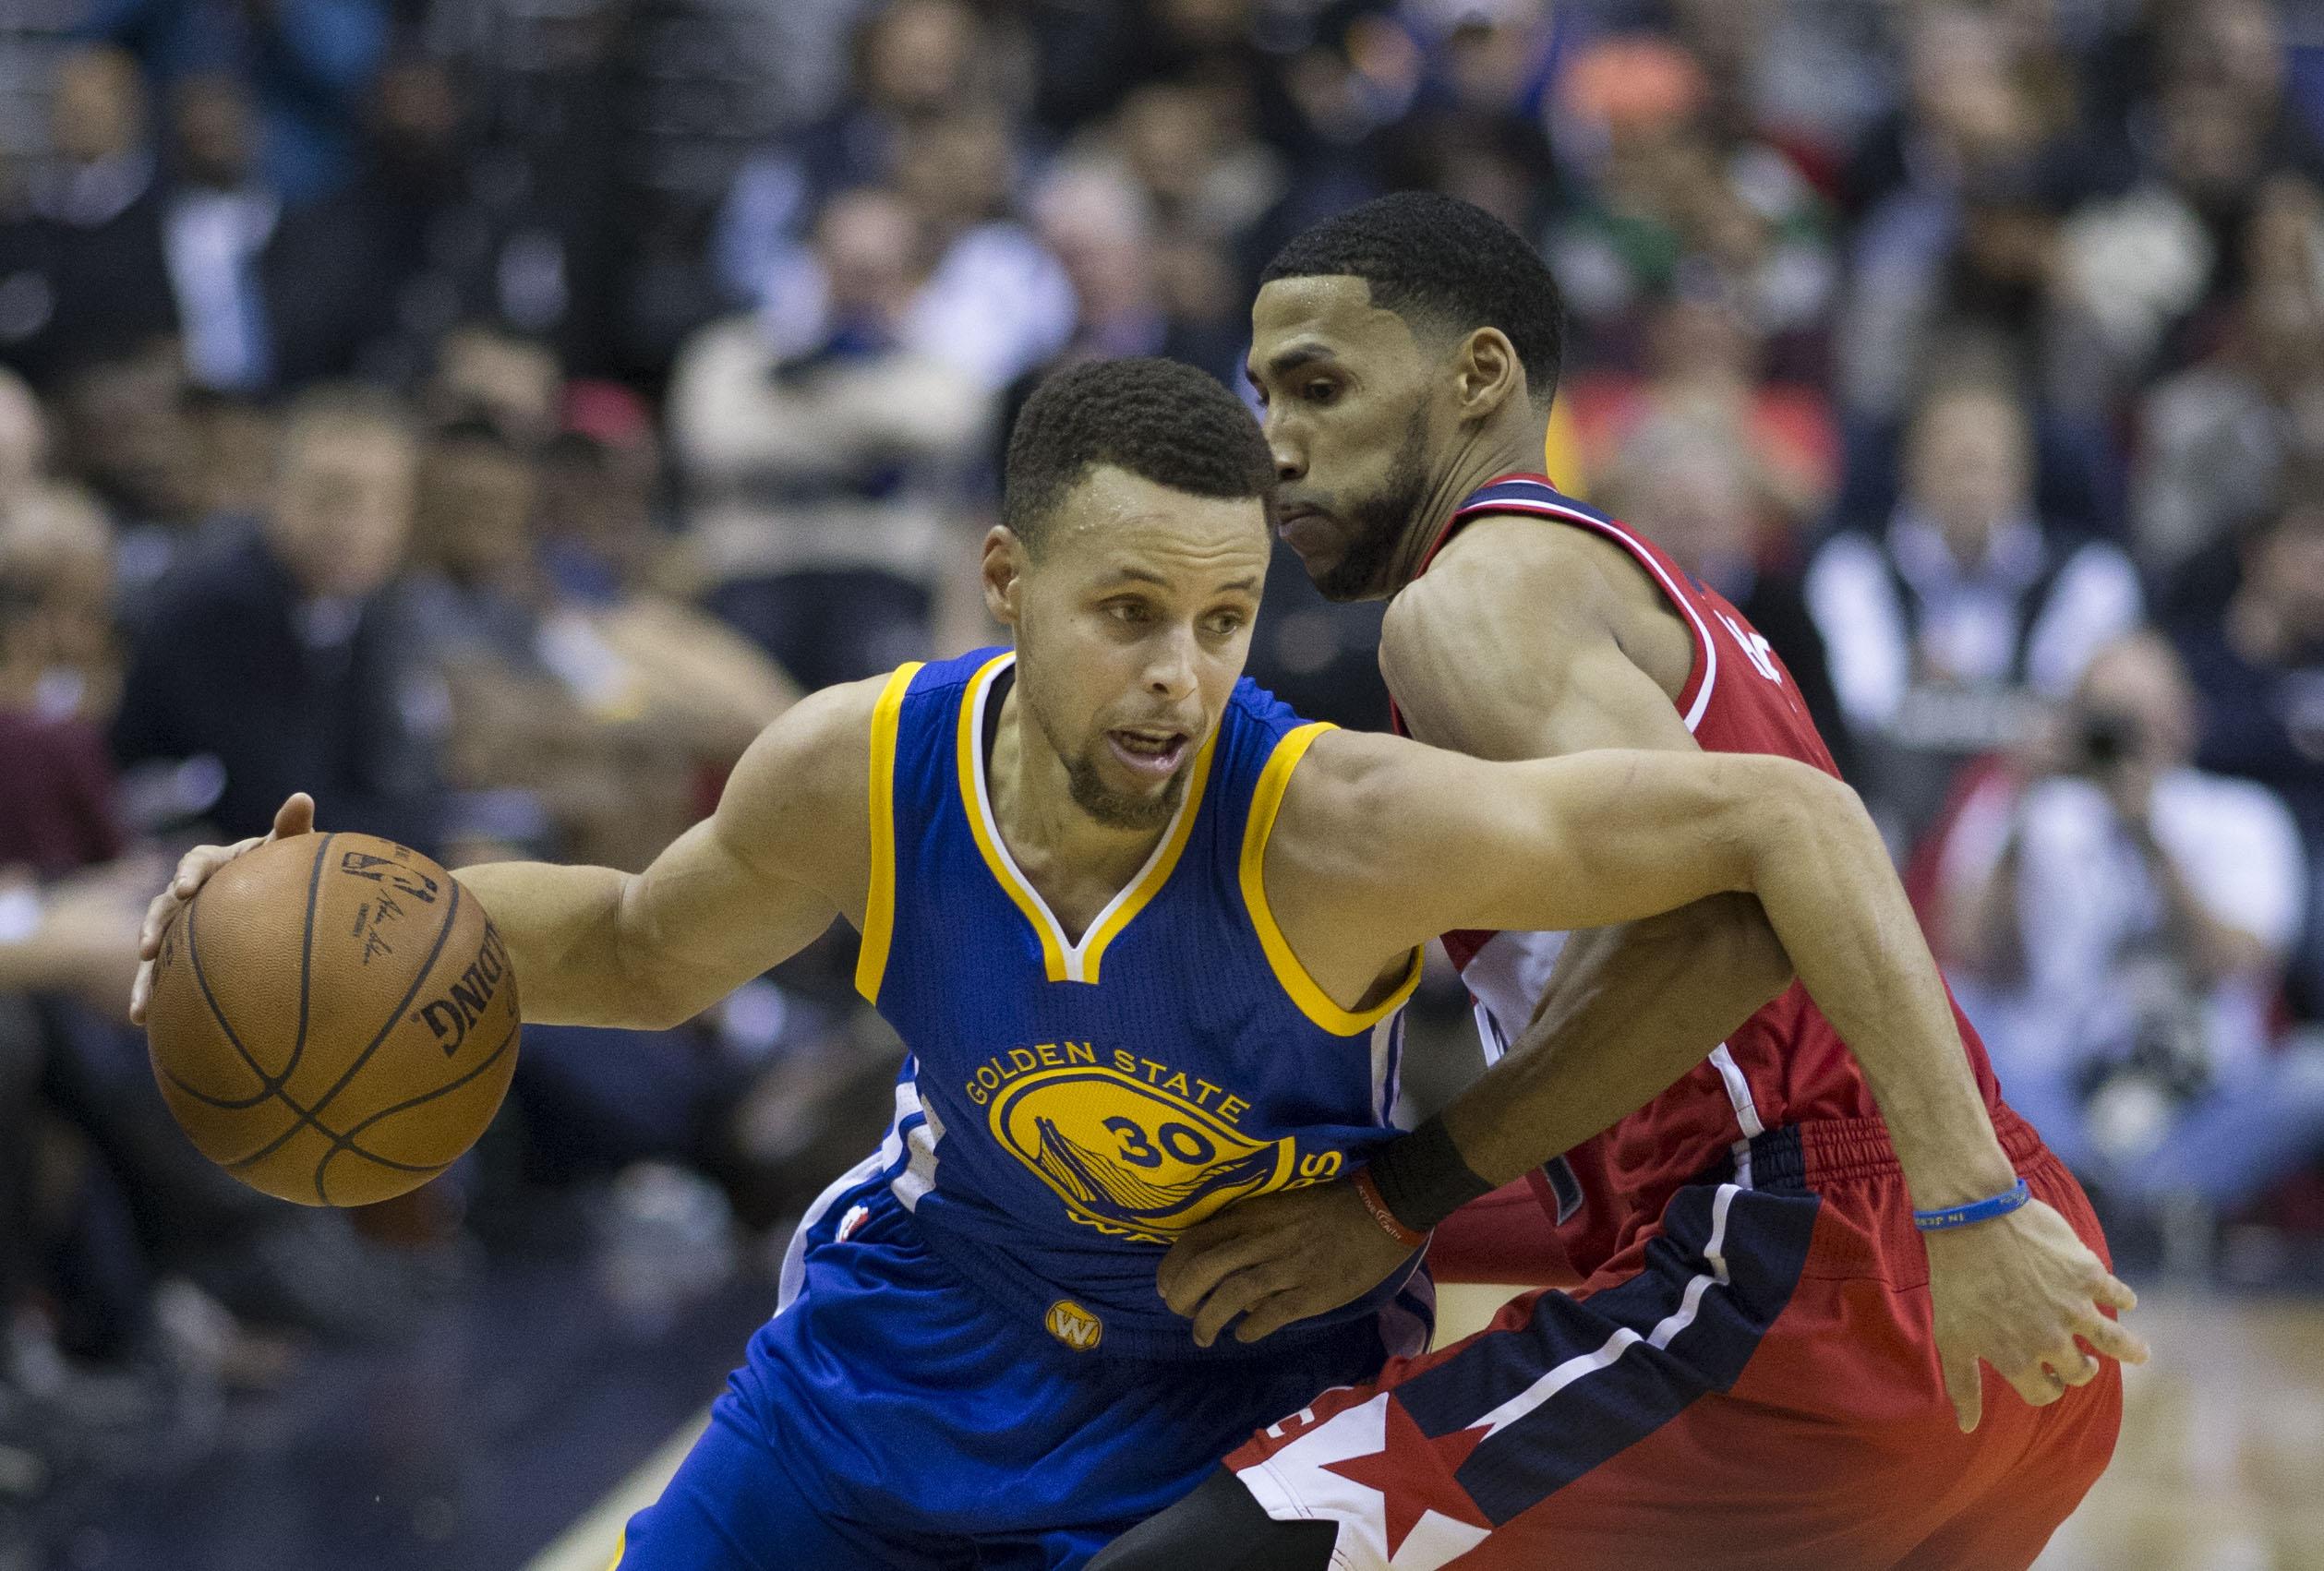 CSBS NBA Stat Leader Props